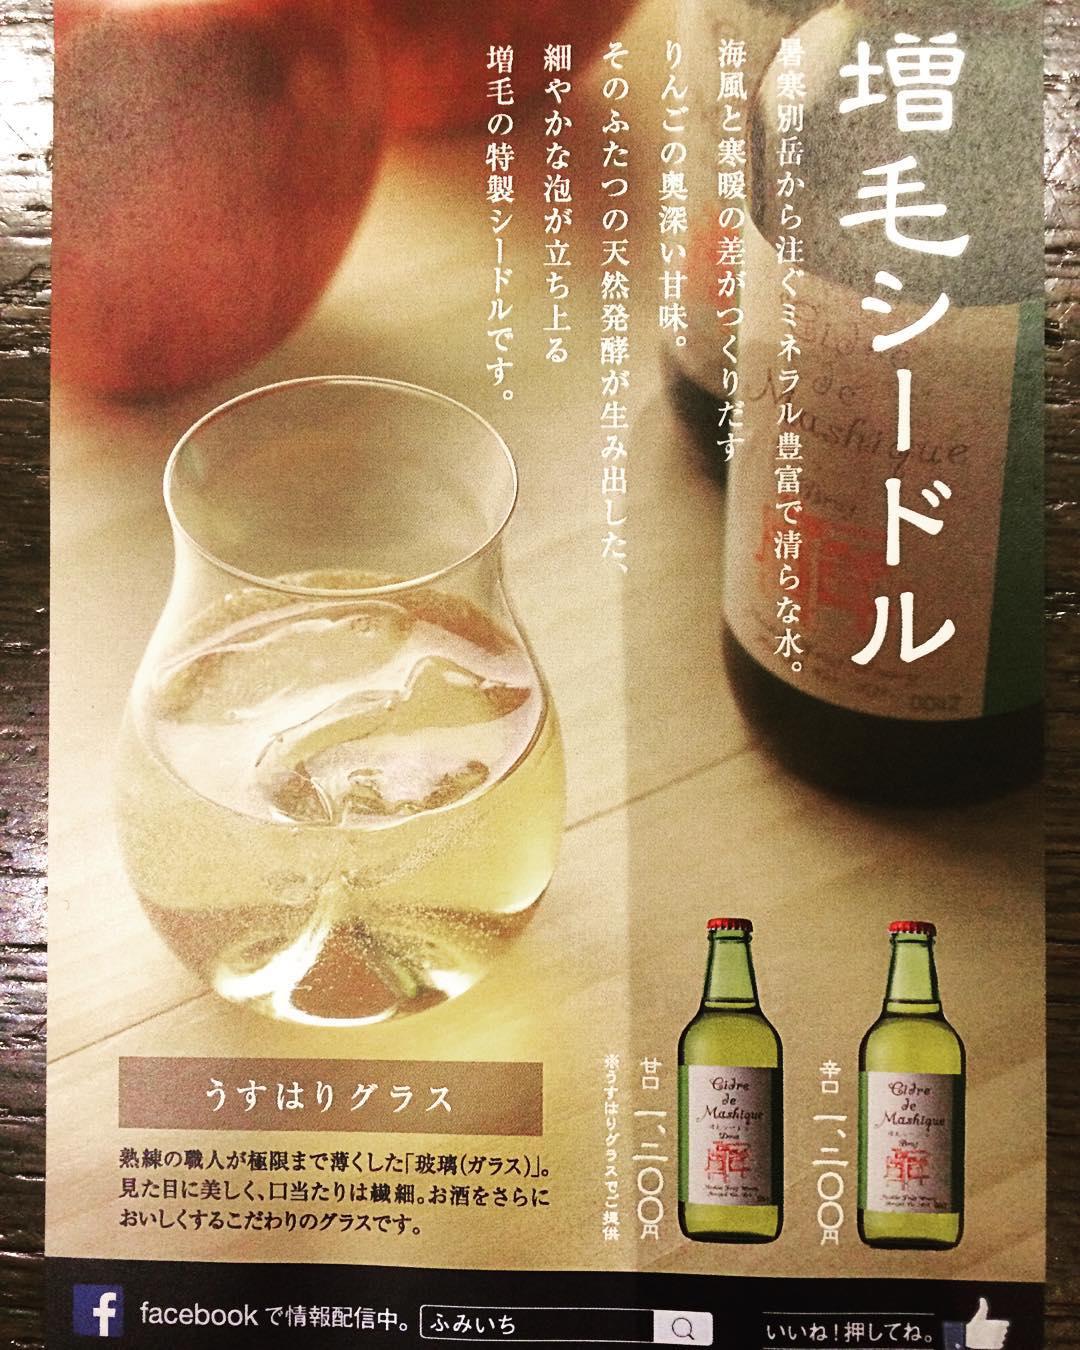 #海鮮酒蔵二三一  増毛シードル。 うすはりグラスでご提供いたします。